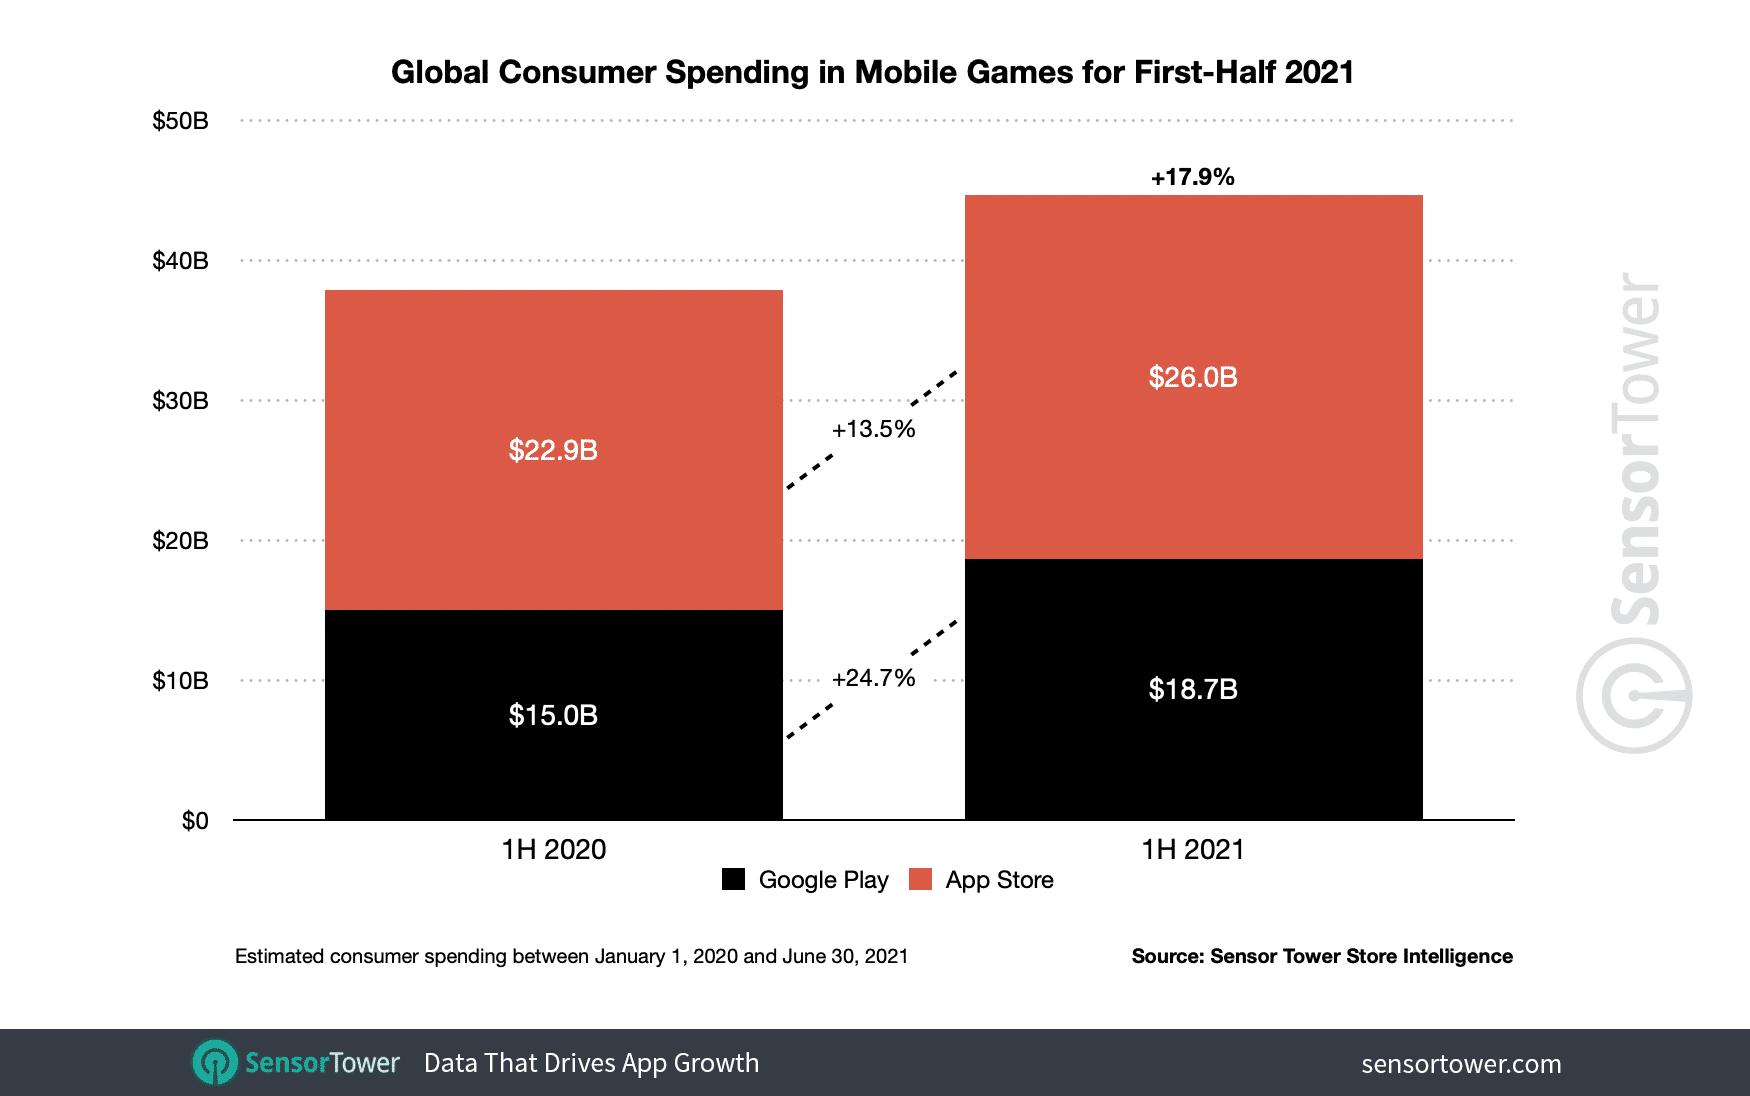 Gastos com jogos nas lojas de apps (Sensor Tower)